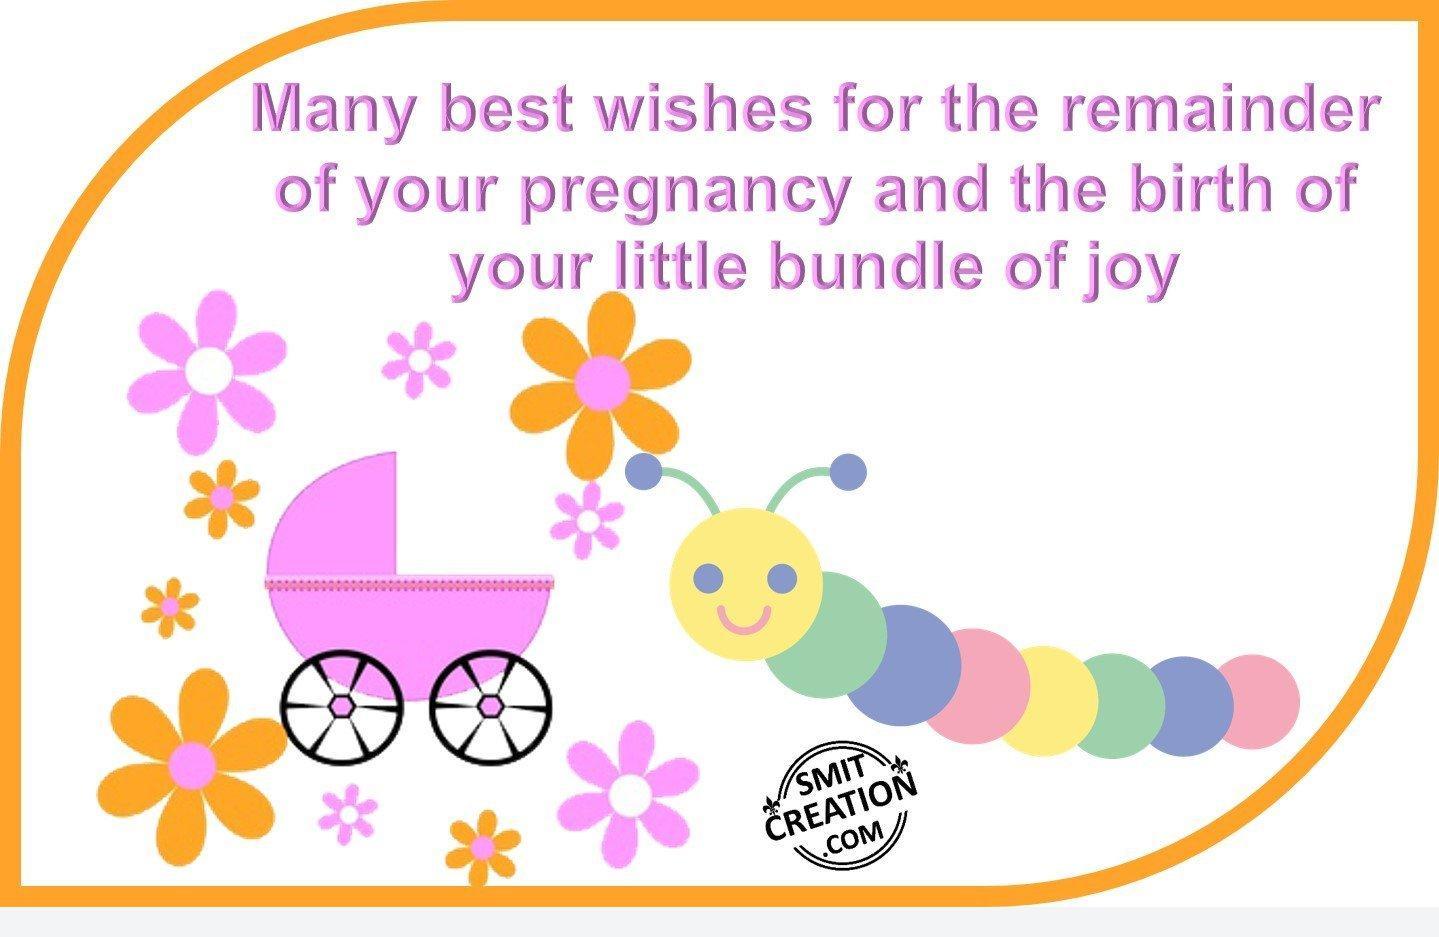 Many Best Wishes Smitcreation